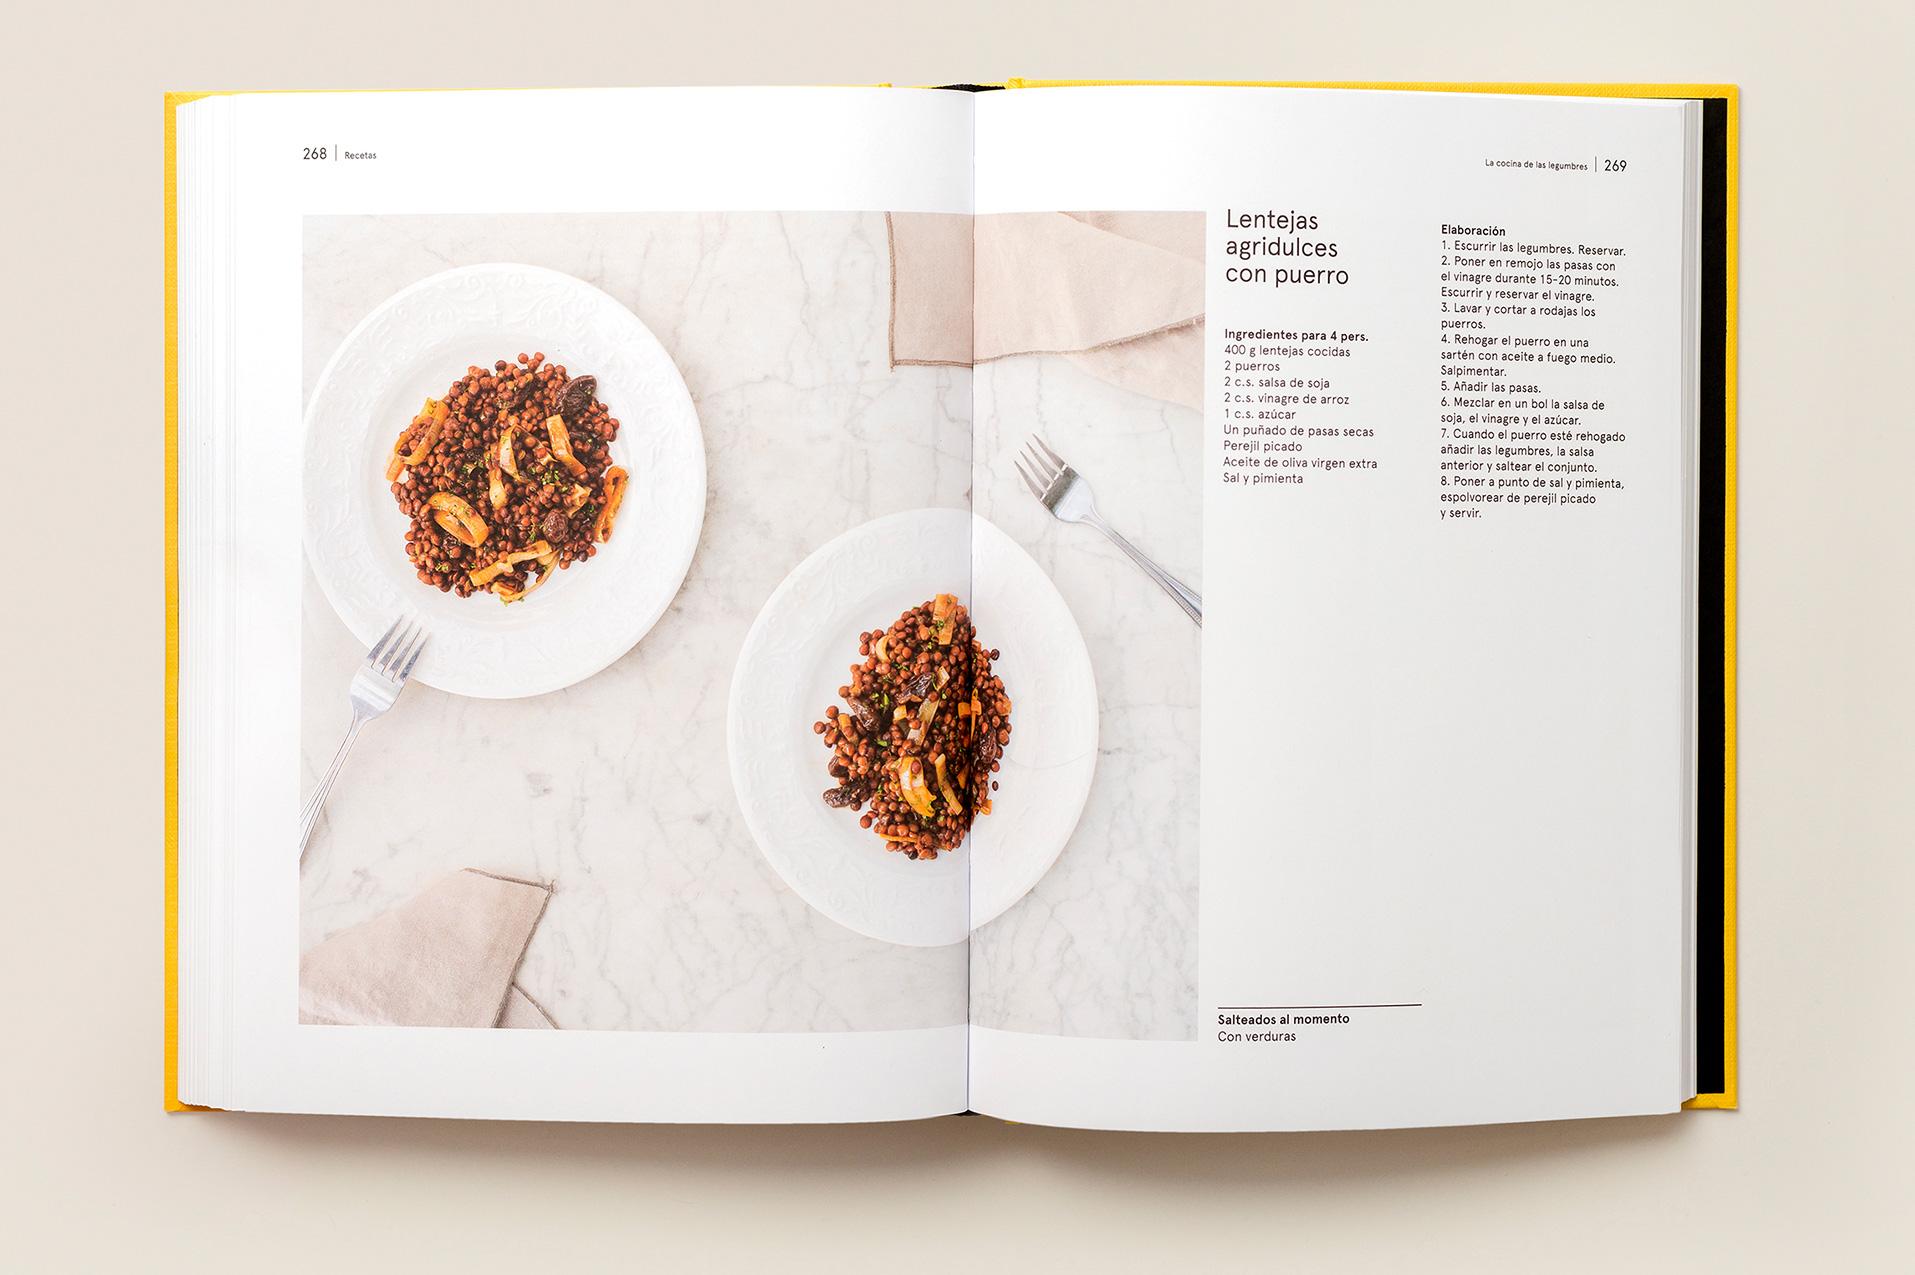 La cocina de las legumbres - P.A.R